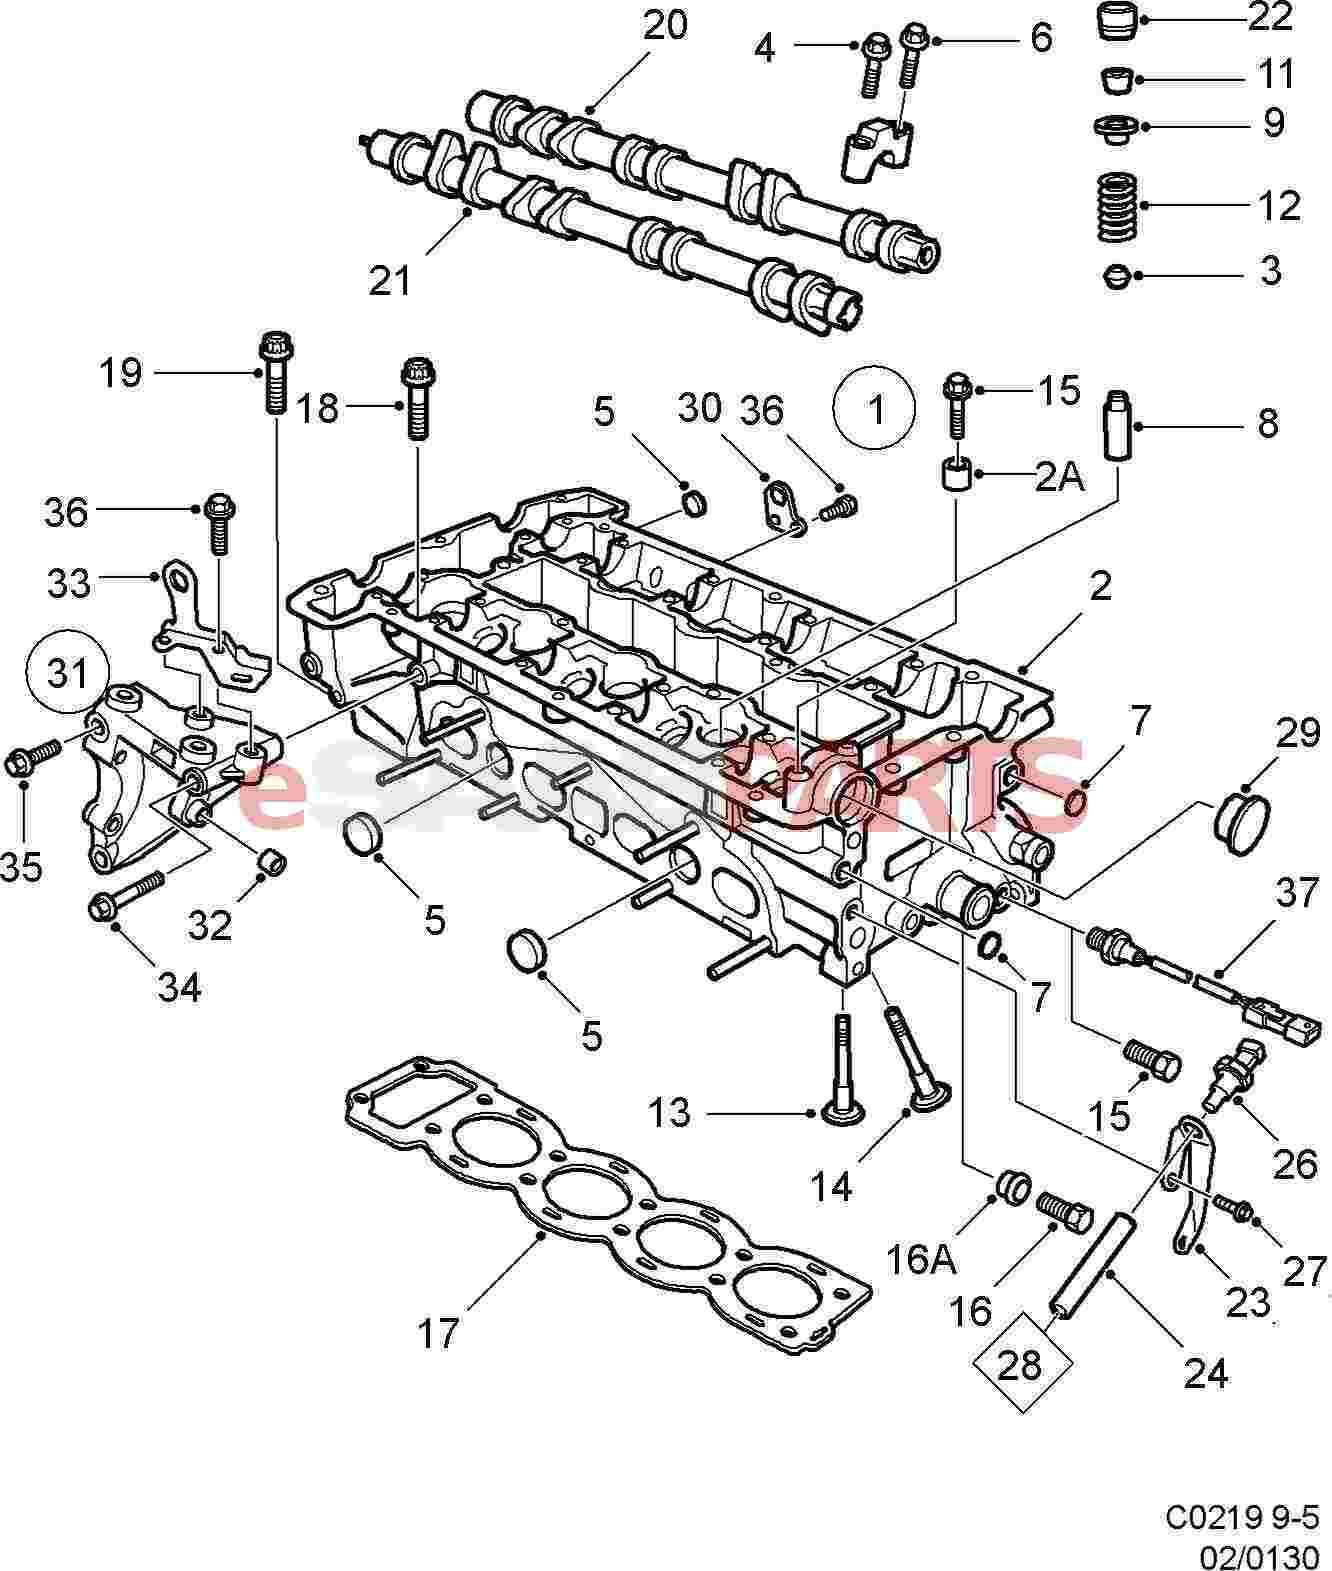 2000 vw jetta 2 0 engine diagram leviton cat5e wiring suspension